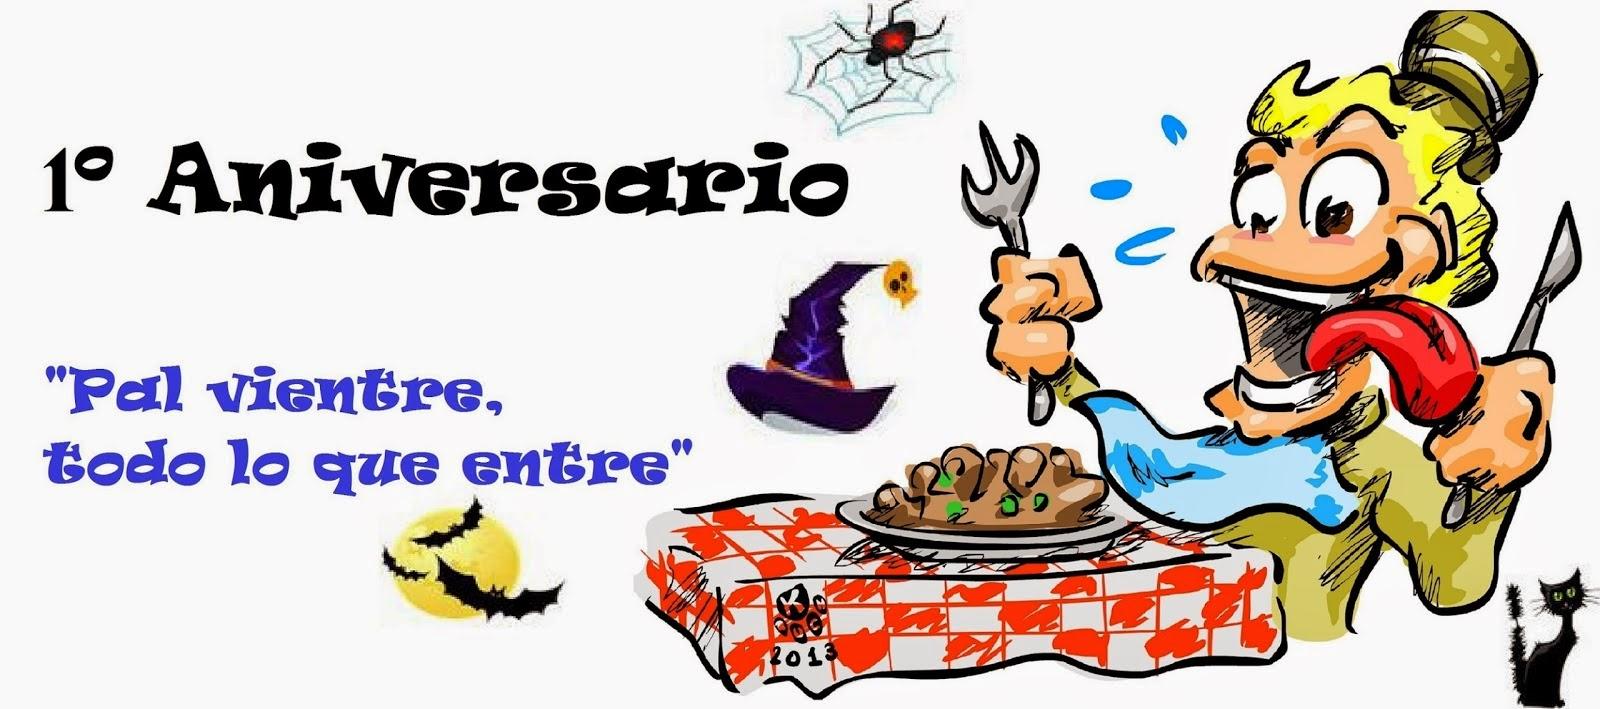 http://palvientretodoloqueentre.blogspot.com.es/2013/10/recopilacion-de-las-recetas-del.html